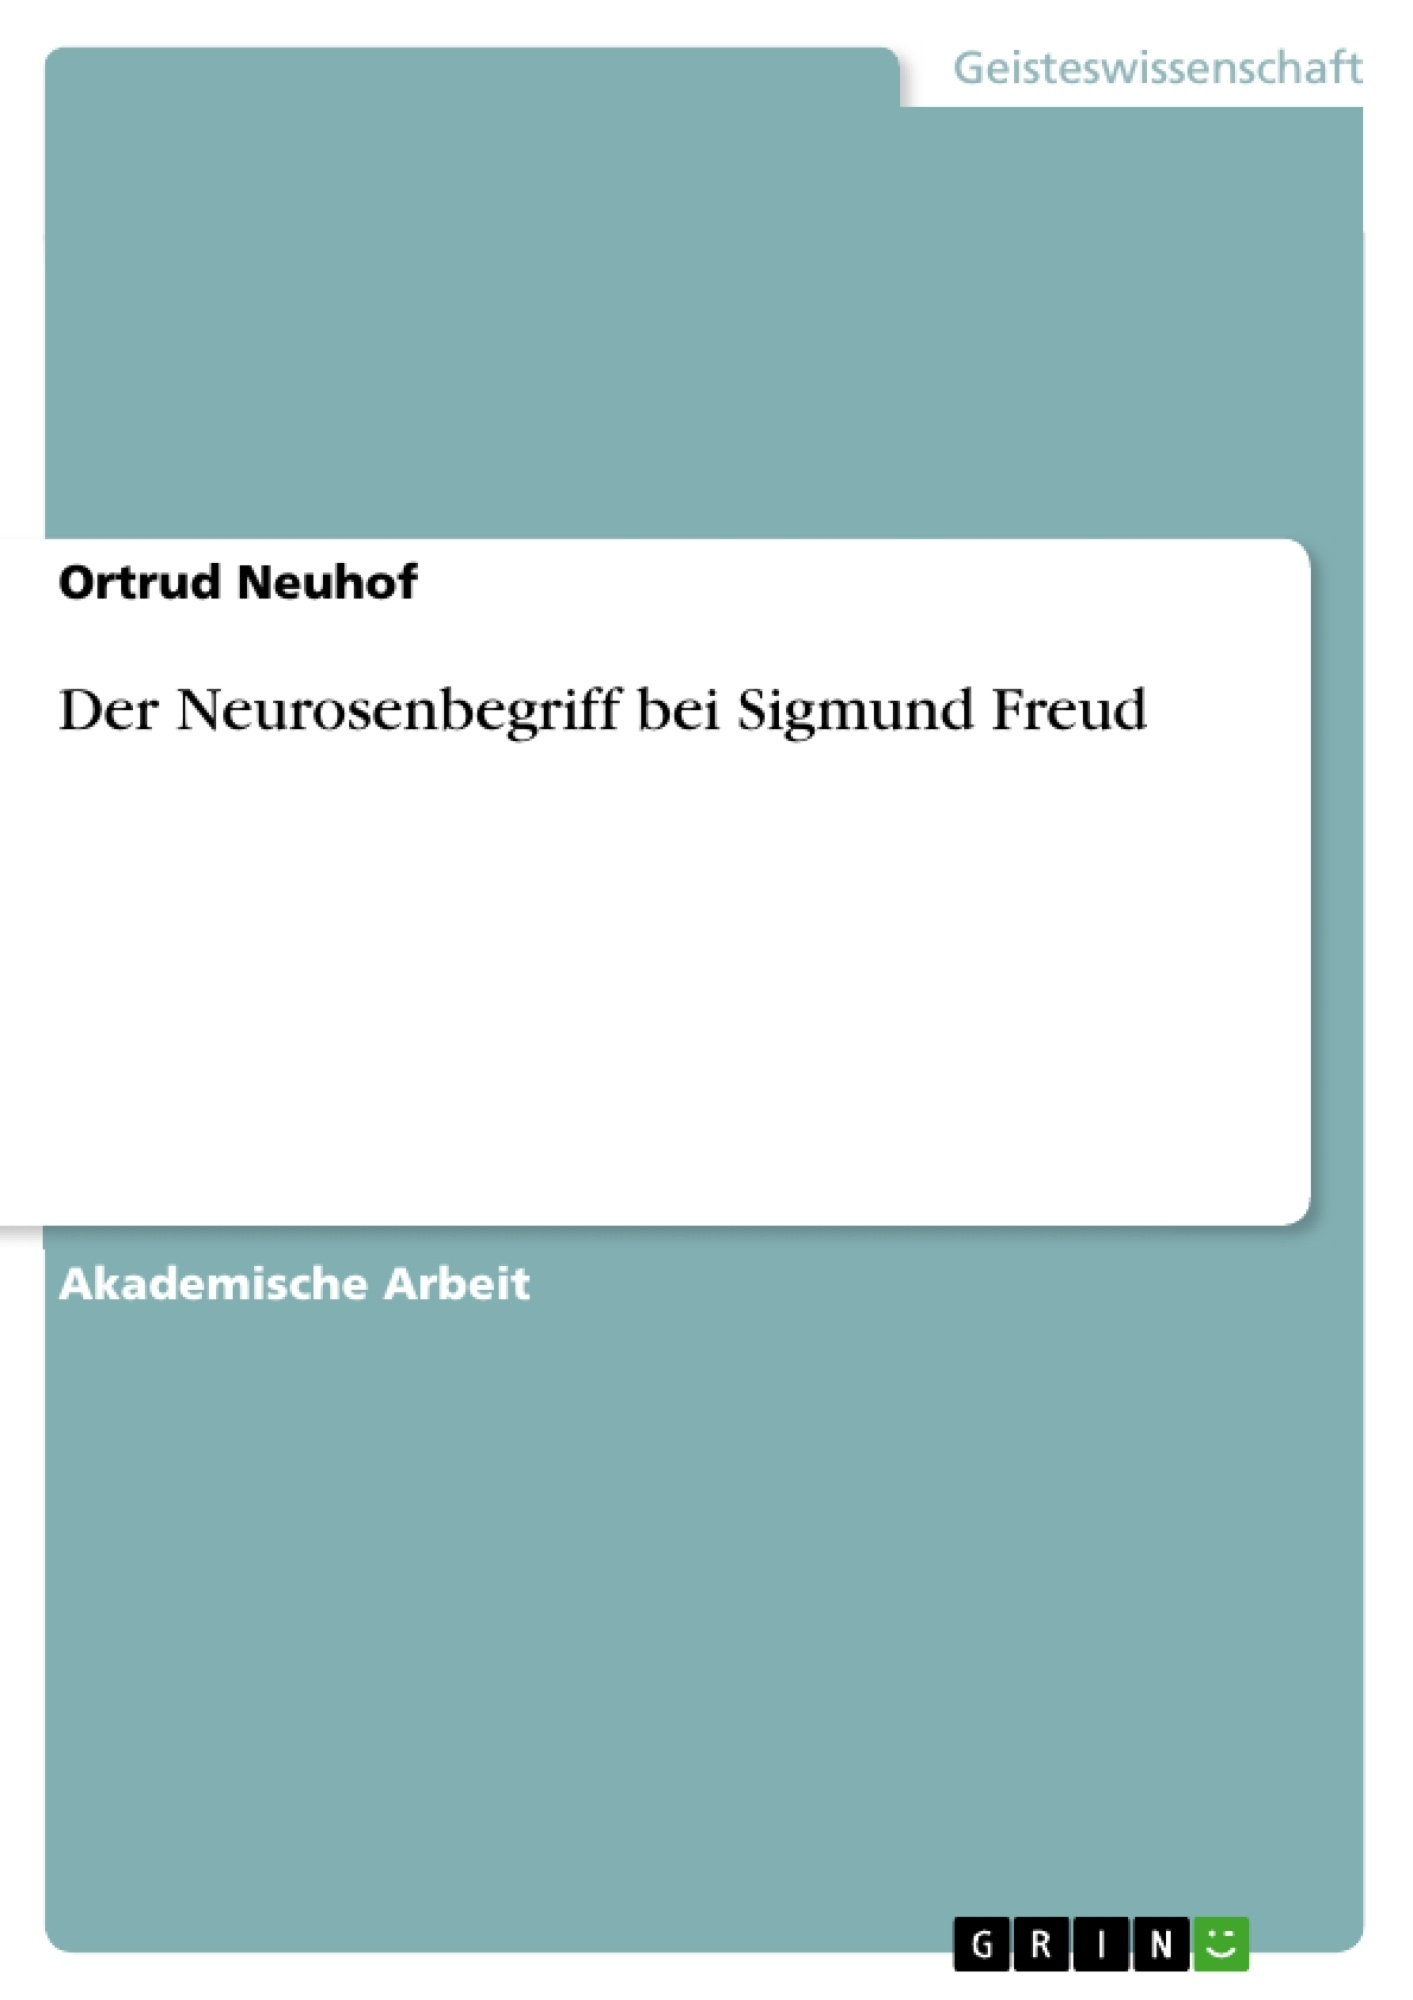 Titel: Der Neurosenbegriff bei Sigmund Freud